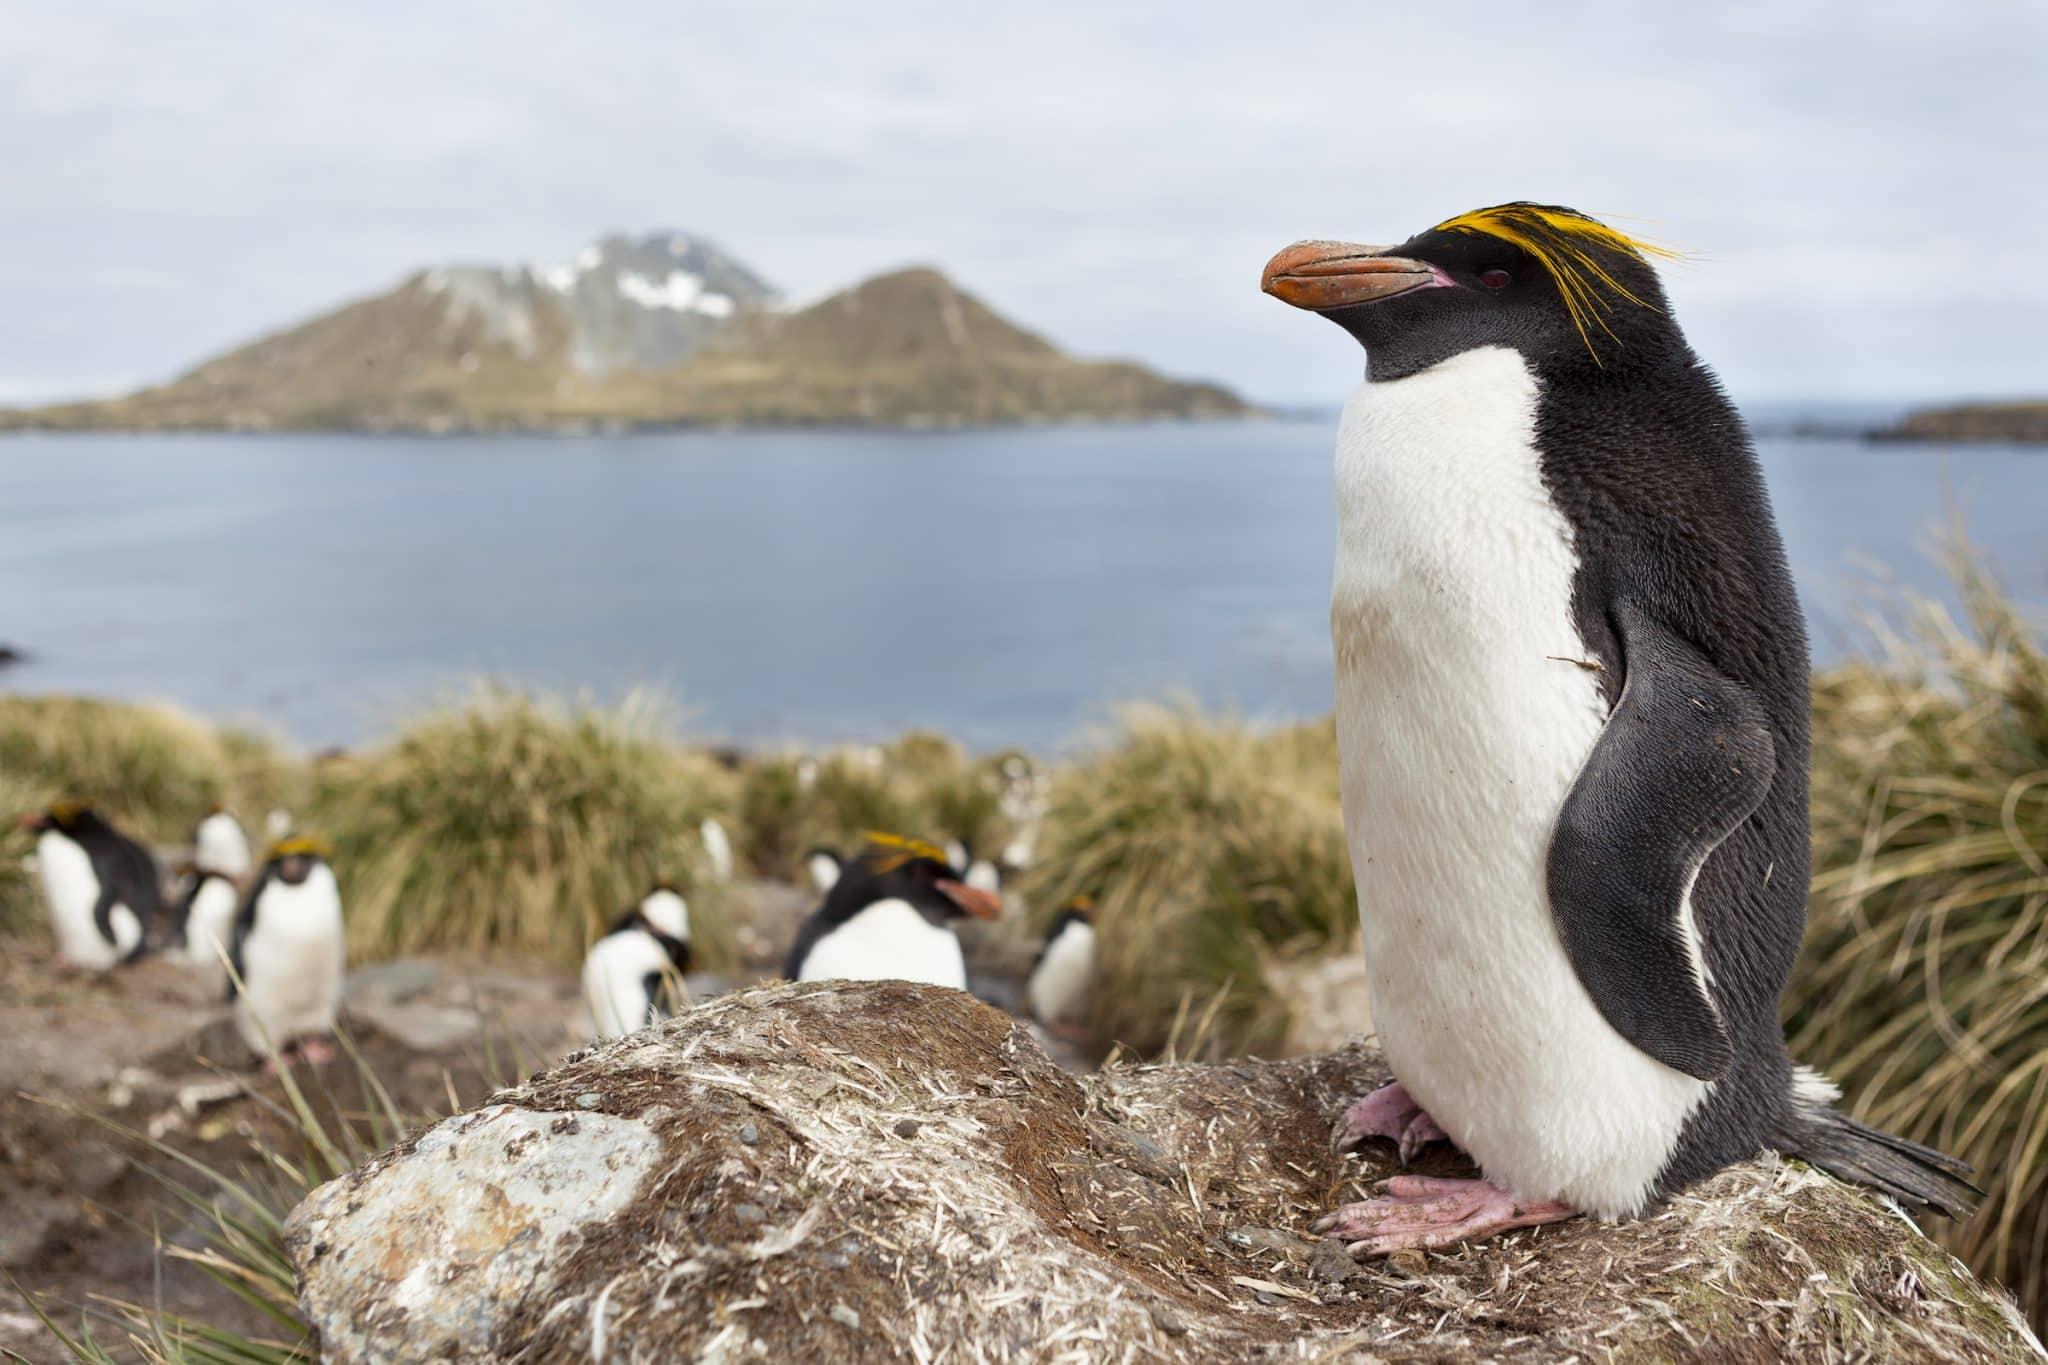 Macaroni penguin (Eudyptes chrysolophus) on the coast of South Georgia island